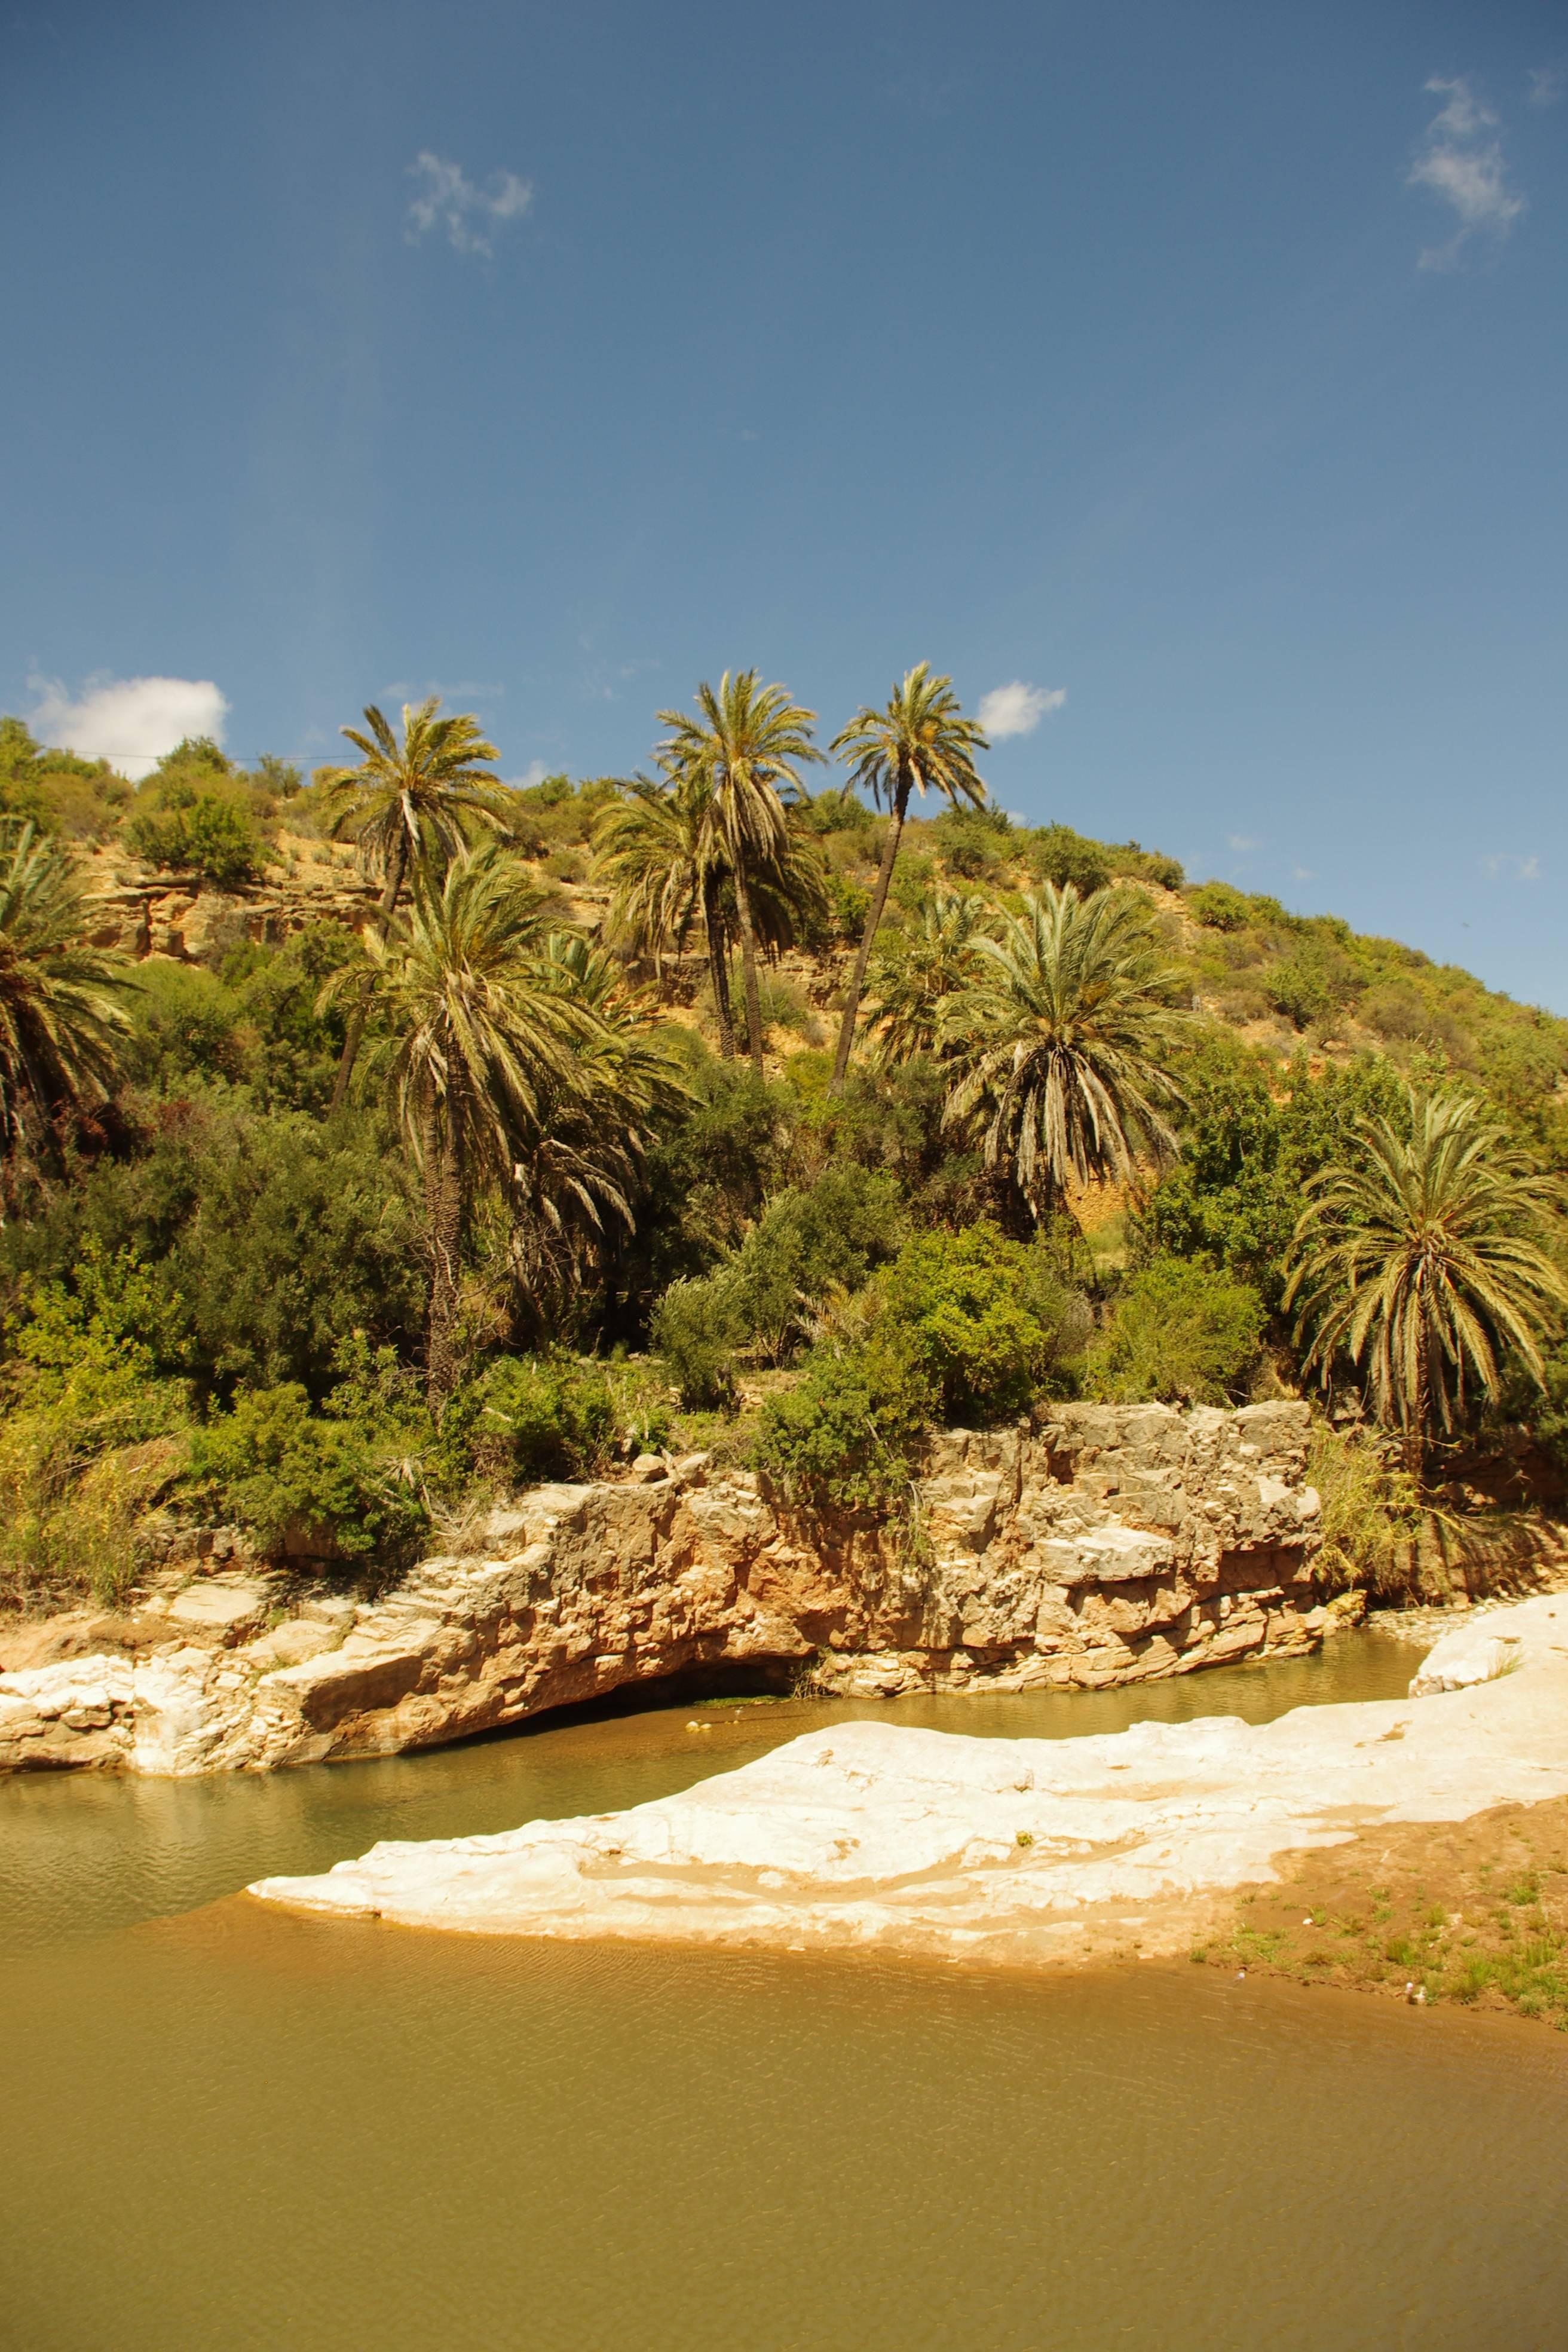 Photo 2: Paradise valley, une promenade dans le lit de la rivière